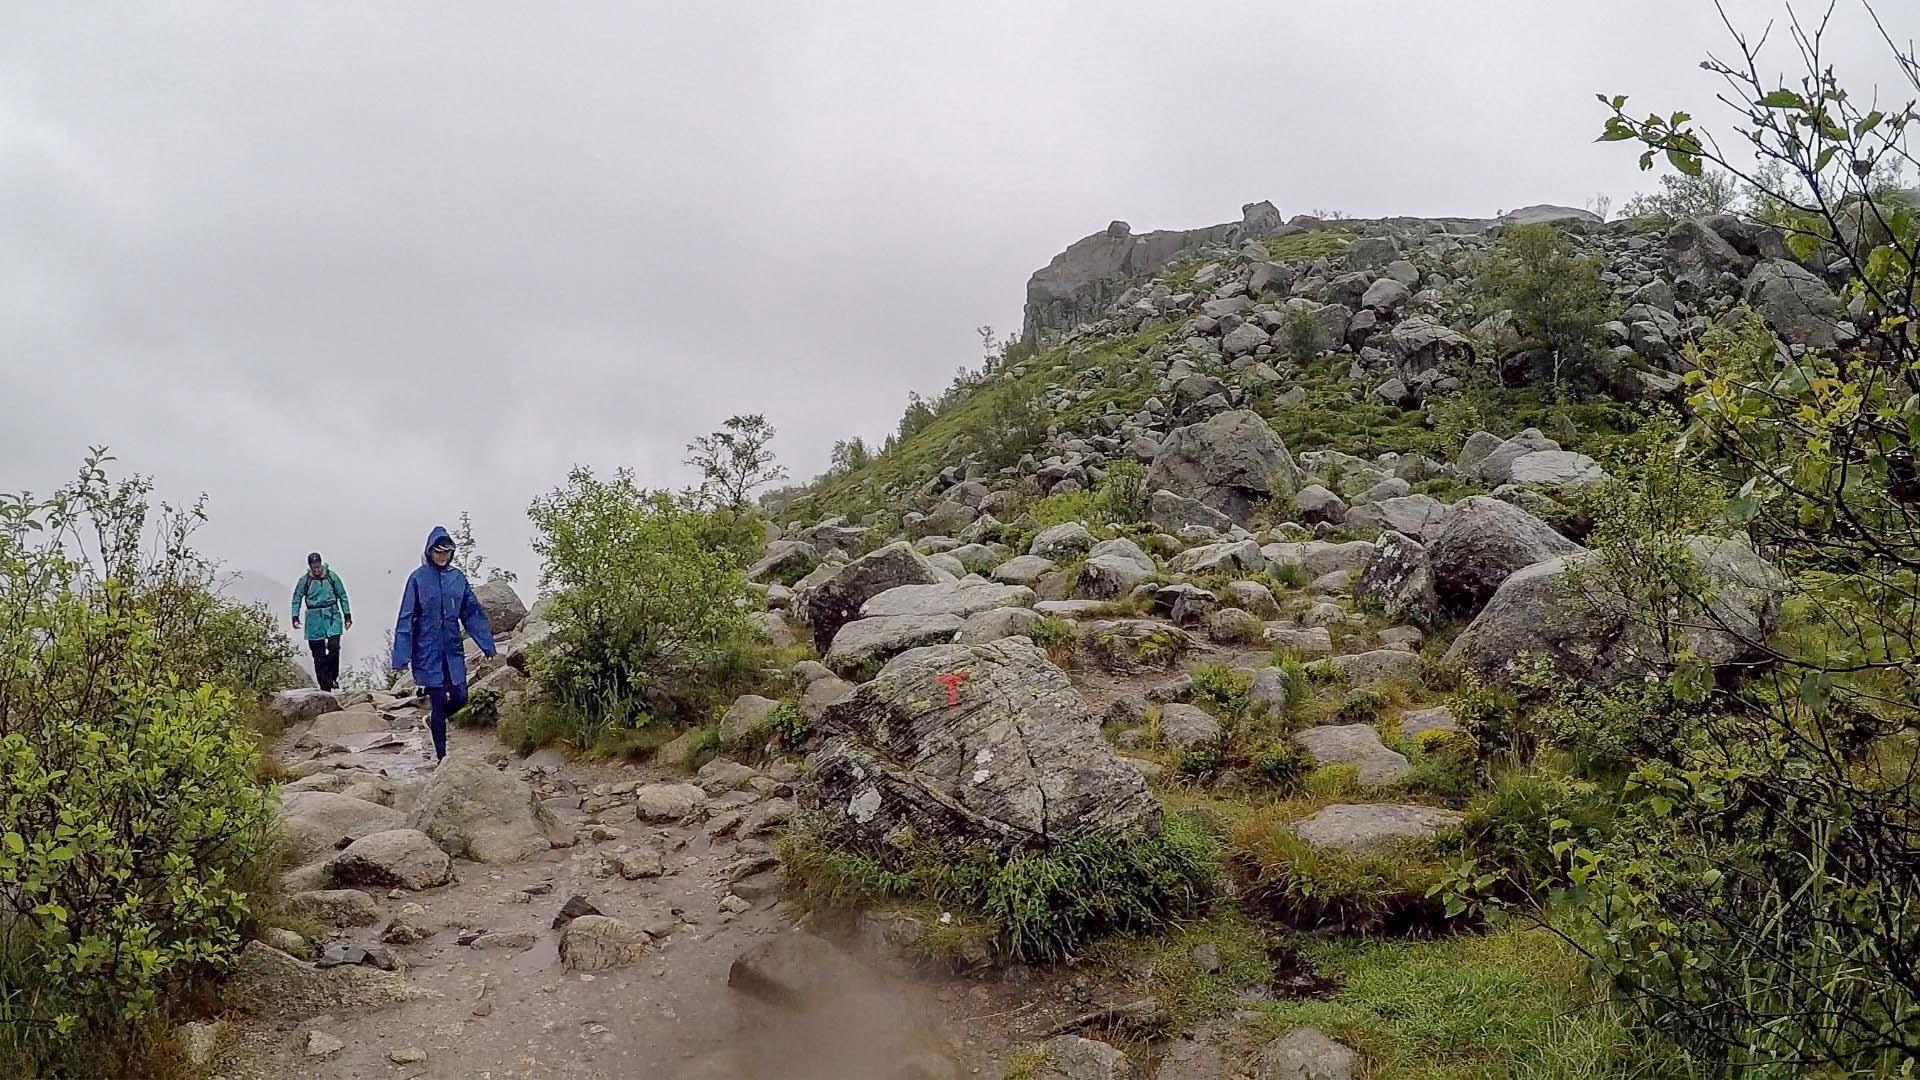 攀過最艱辛的哭坡後,已經完成了一大半的路程。這邊開始都是較平穩的山路,景色開始變得遼闊。依照大石上紅色的T字標記,約一小時便抵達聖壇岩。